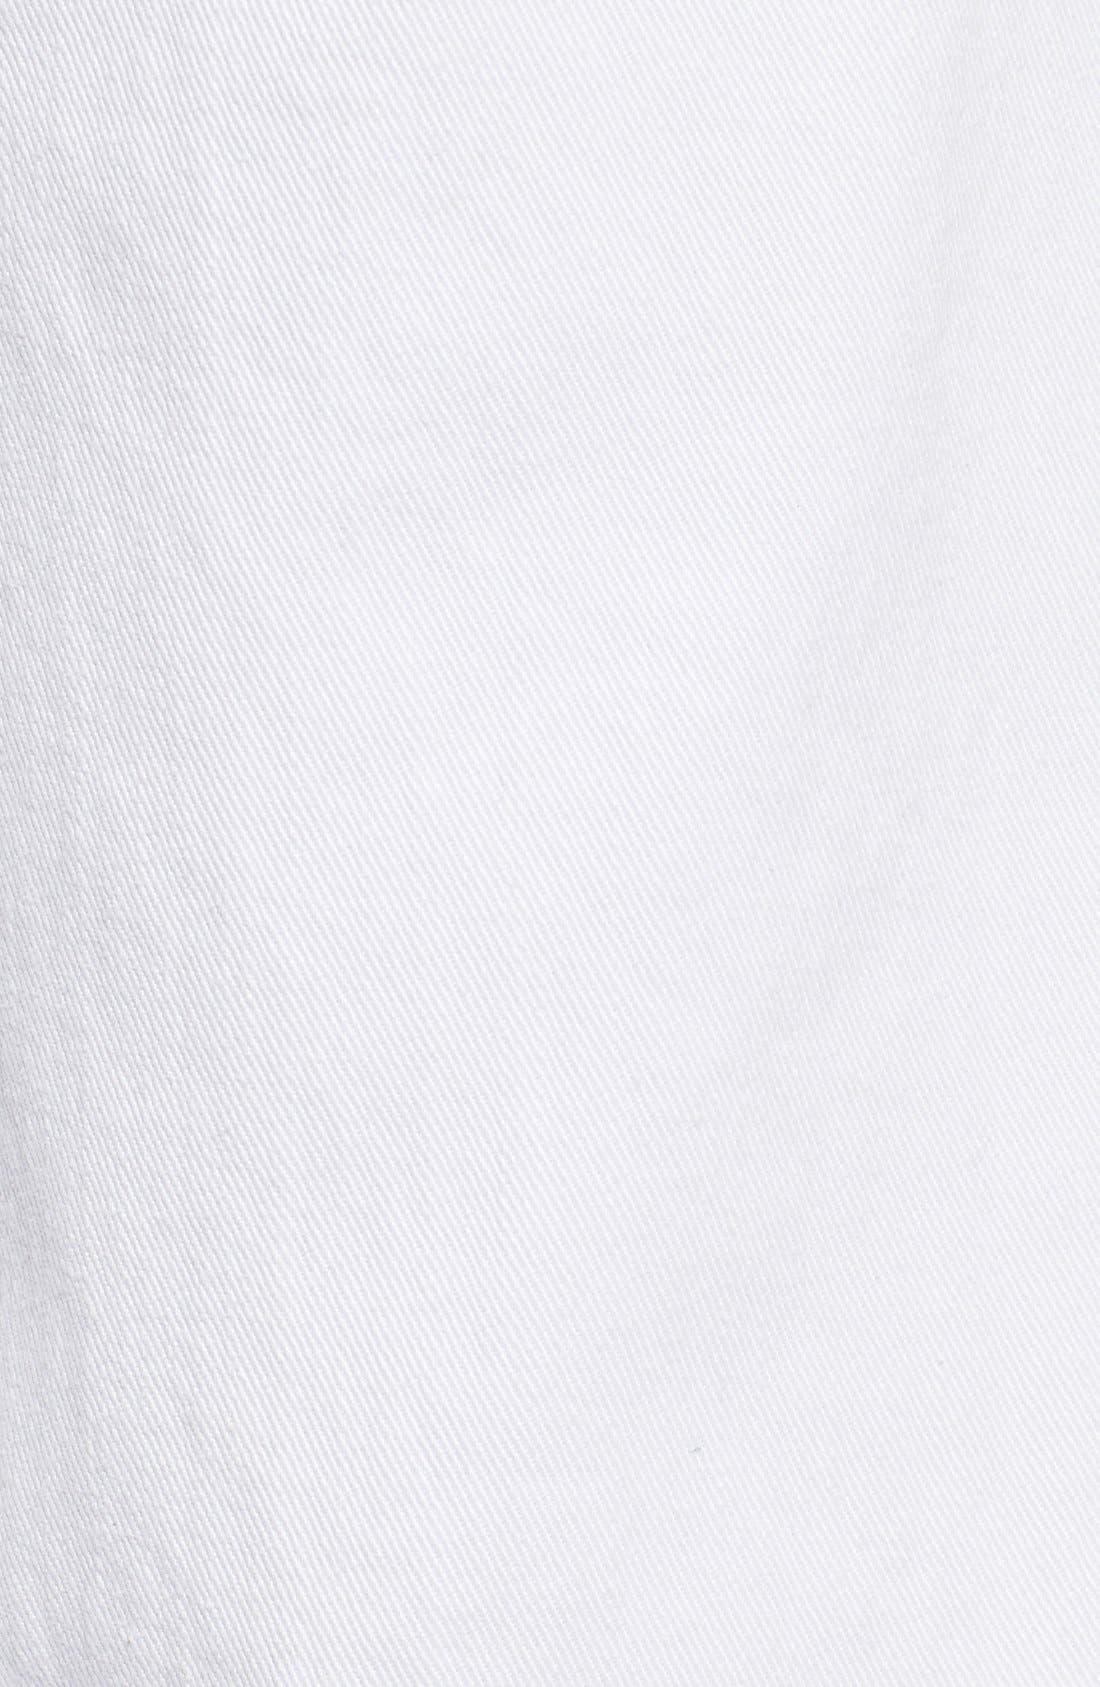 Alternate Image 5  - Hudson Jeans 'Libby' Wide Leg Sailor Jeans (White 2)